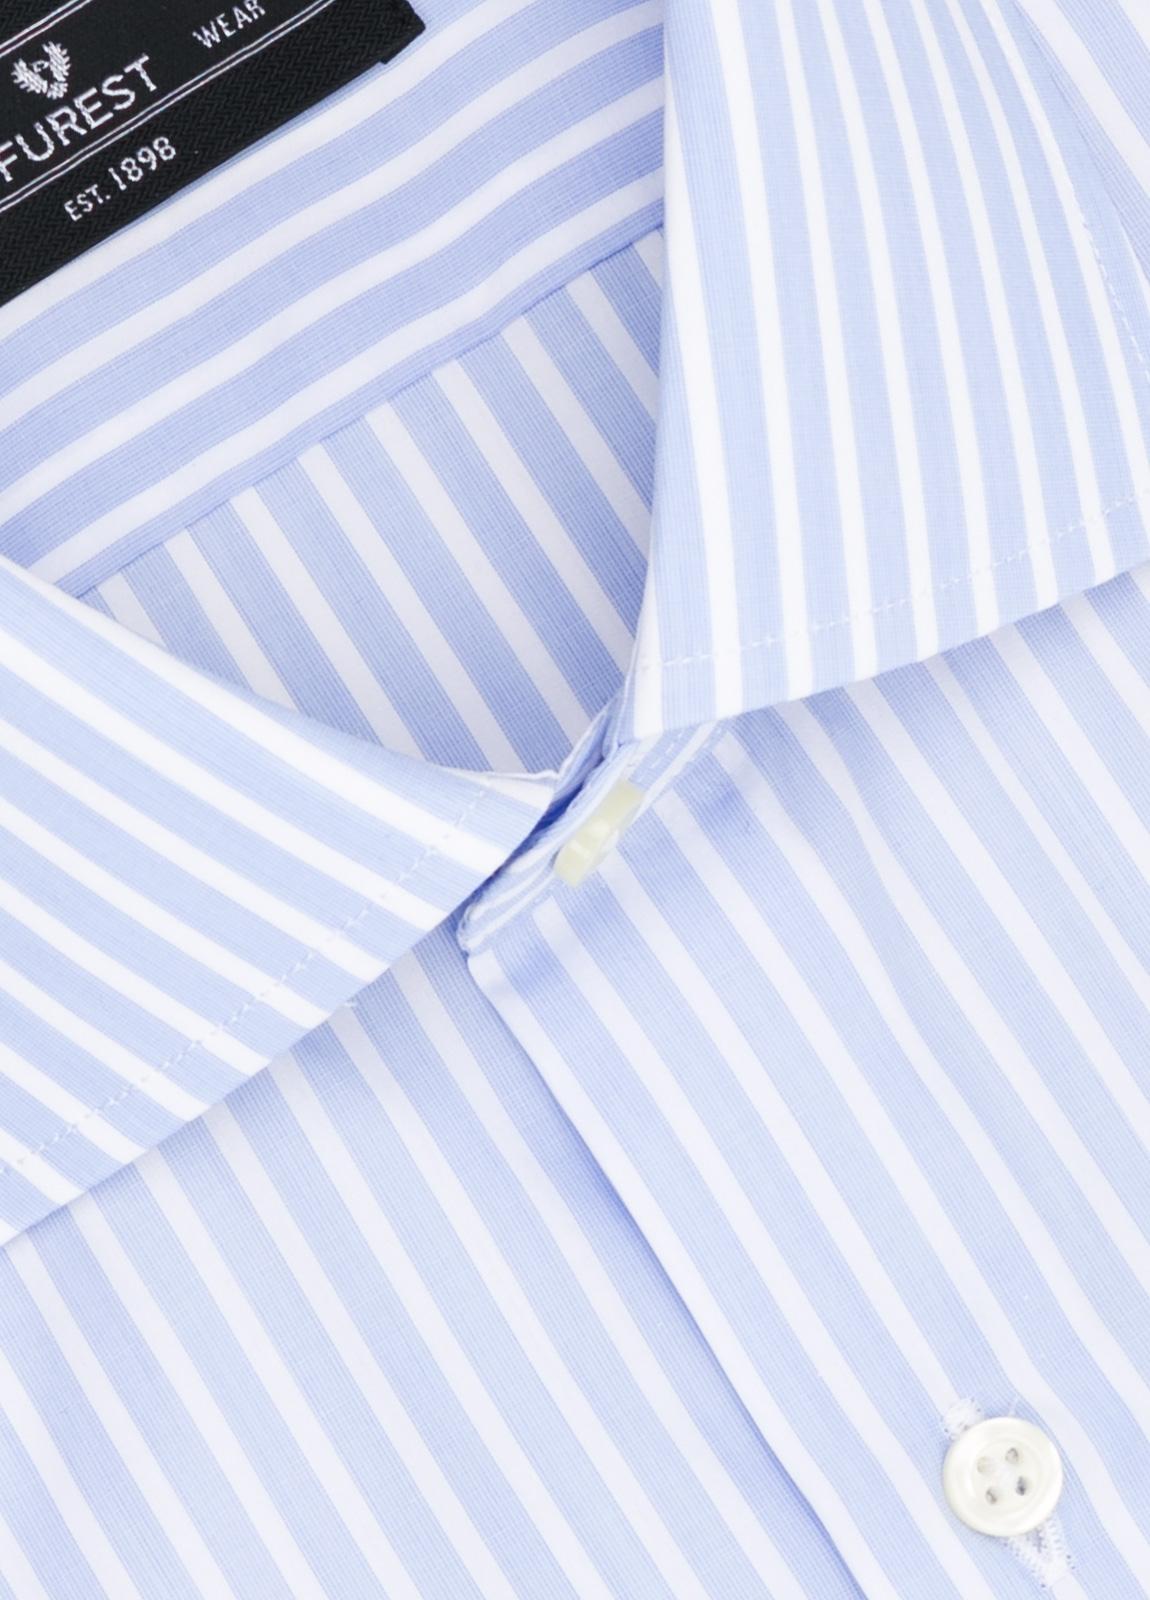 Camisa Formal Wear REGULAR FIT cuello italiano modelo TAILORED NAPOLI diseño de rayas color celeste, 100% Algodón. - Ítem1